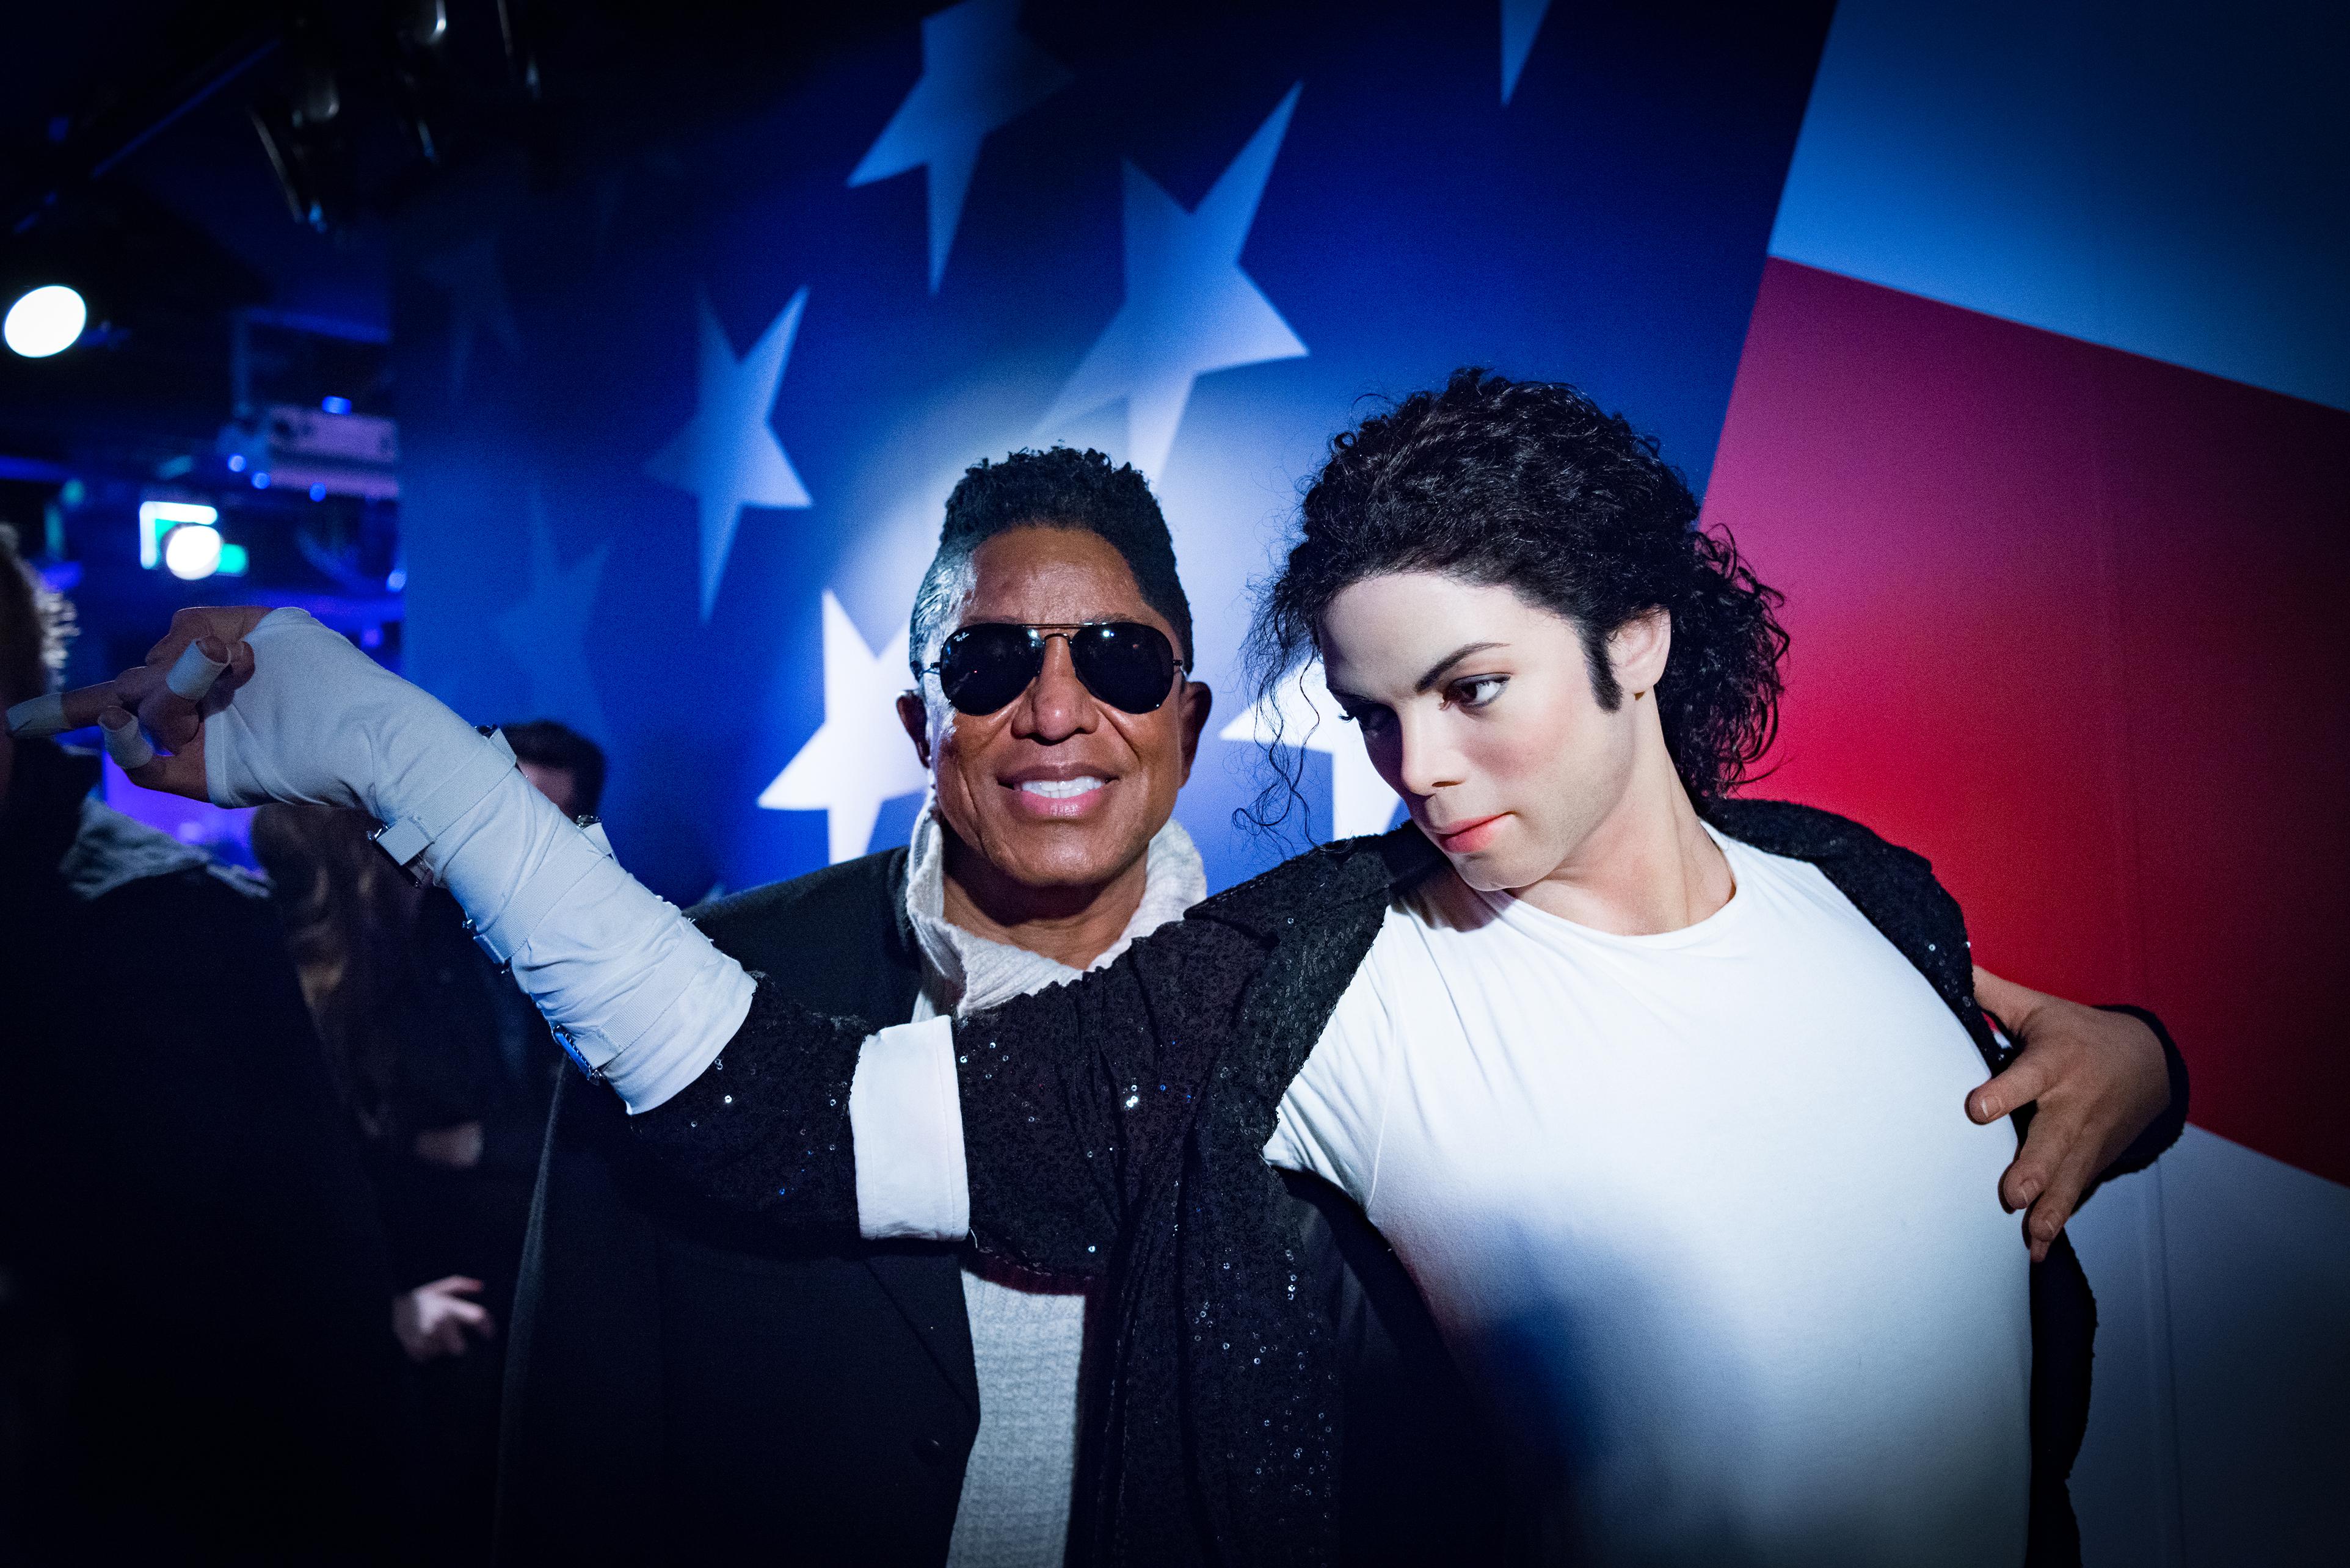 Jermaine&Michael Jackson